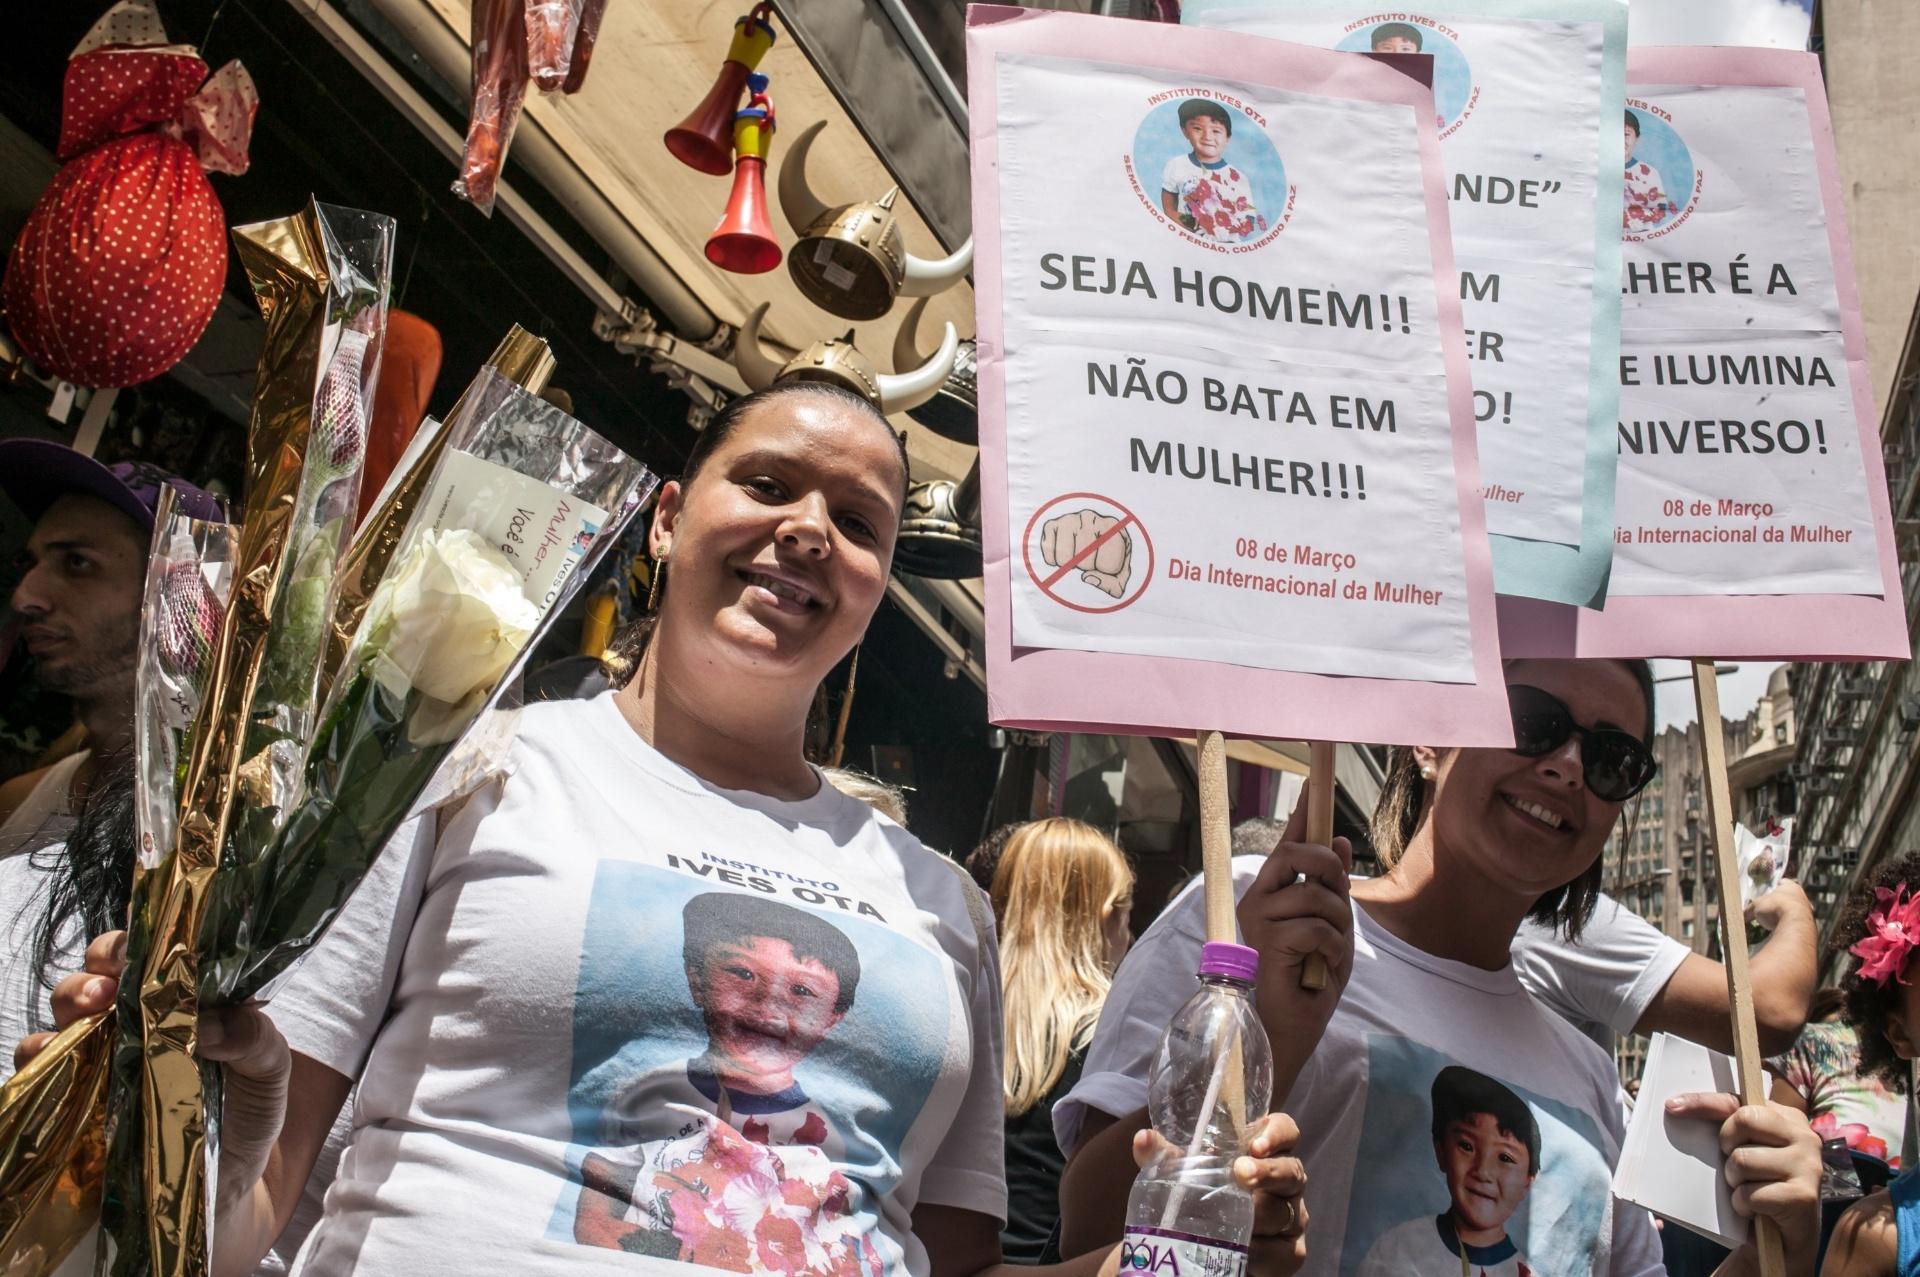 5.mar.2016 - Grupo distribuiu 6.000 rosas vermelhas em celebração ao Dia Internacional da Mulher, comemorado no próximo dia 8. O grupo reivindica ações contra a violência da mulher, na ladeira Porto Geral, região de comércio popular de São Paulo